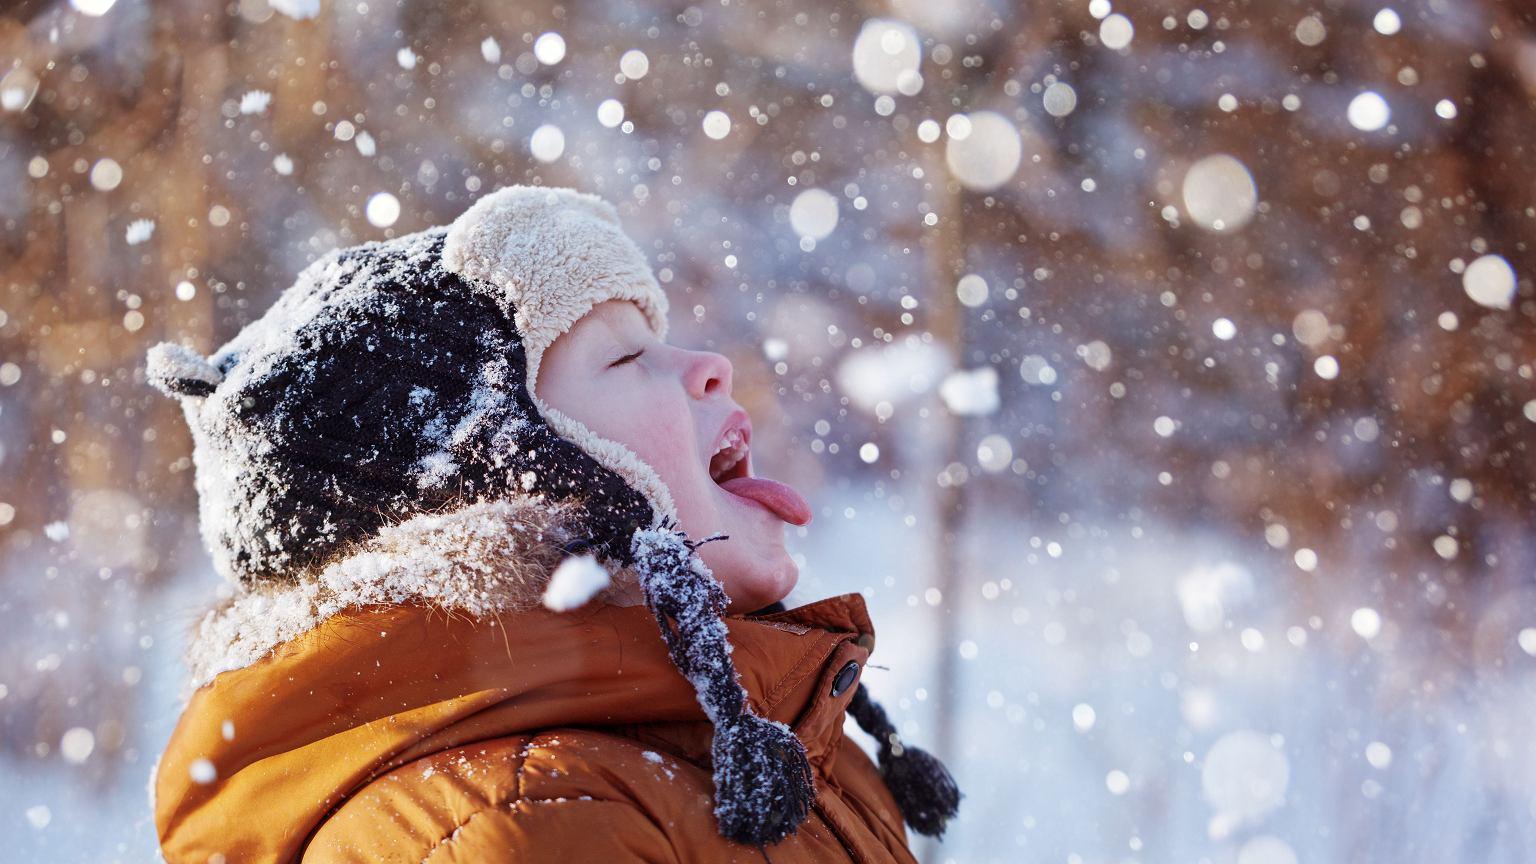 Bezpieczne Zabawy Na Sniegu W Co Sie Bawic Z Dzieckiem Na Dworze A Jakie Sa Zimowe Zabawy W Domu